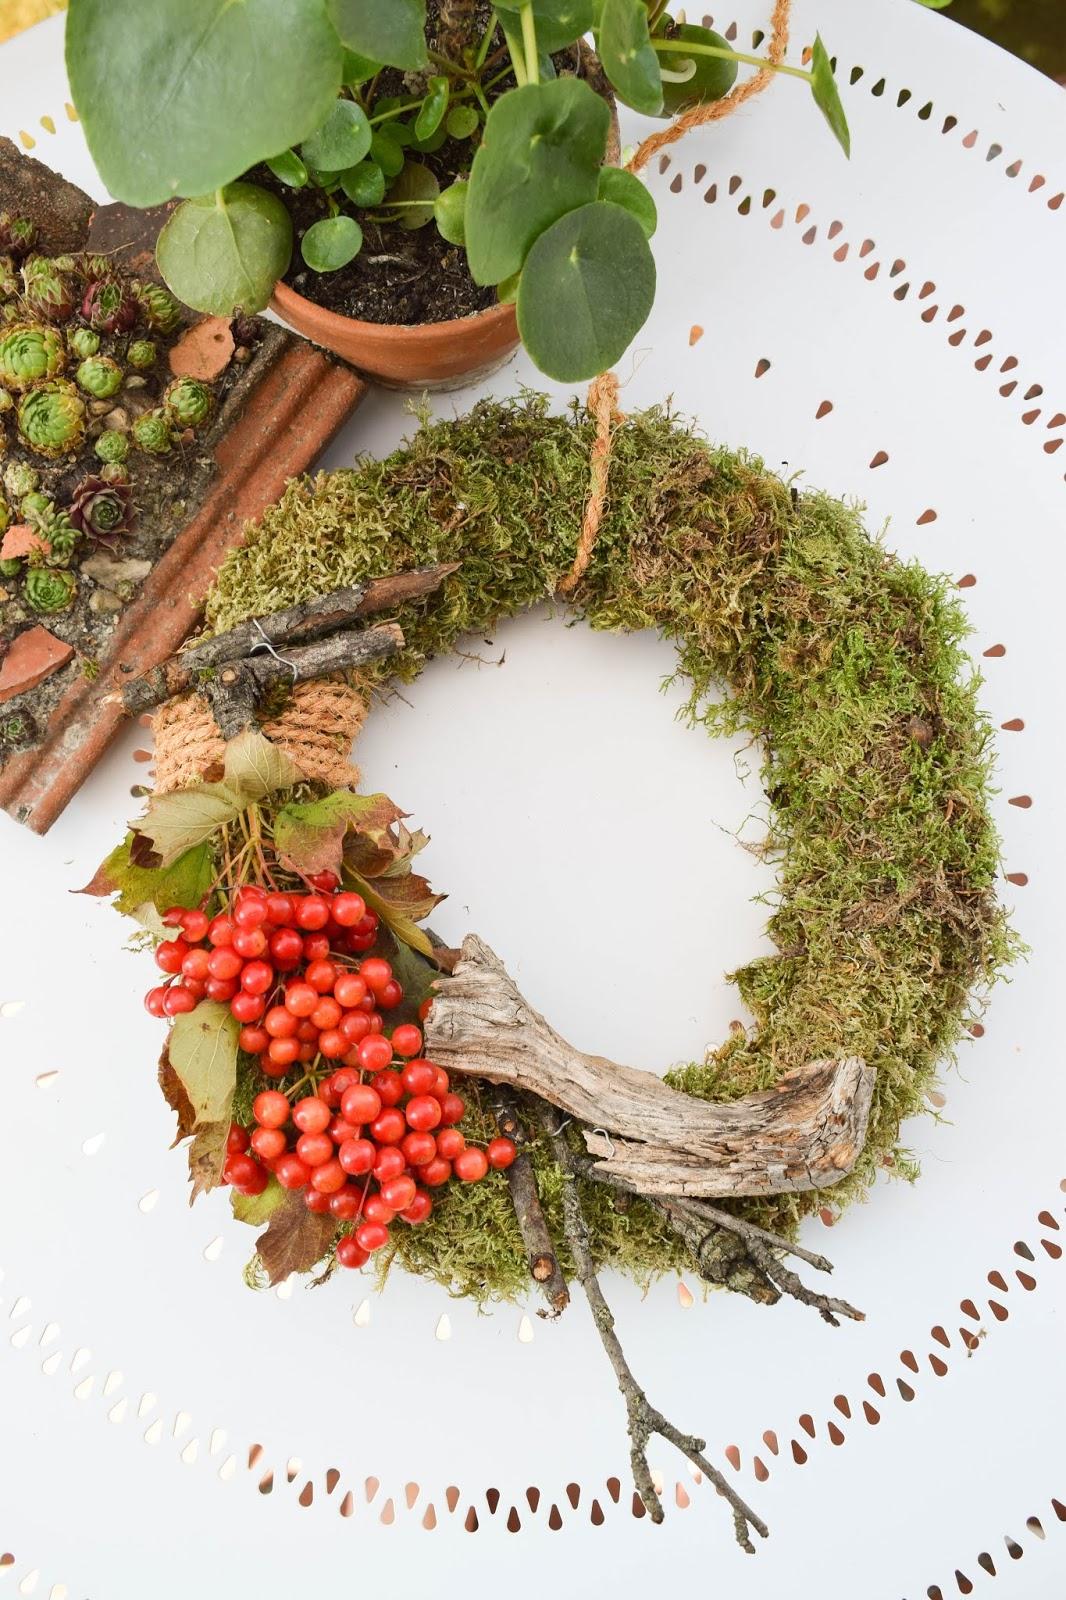 DIY Mooskranz einfach selber machen mit Moos Beeren Holz und Sisal. Naturdeko Anleitung zum Kranz binden. Dekorieren mit Natur herbstdeko